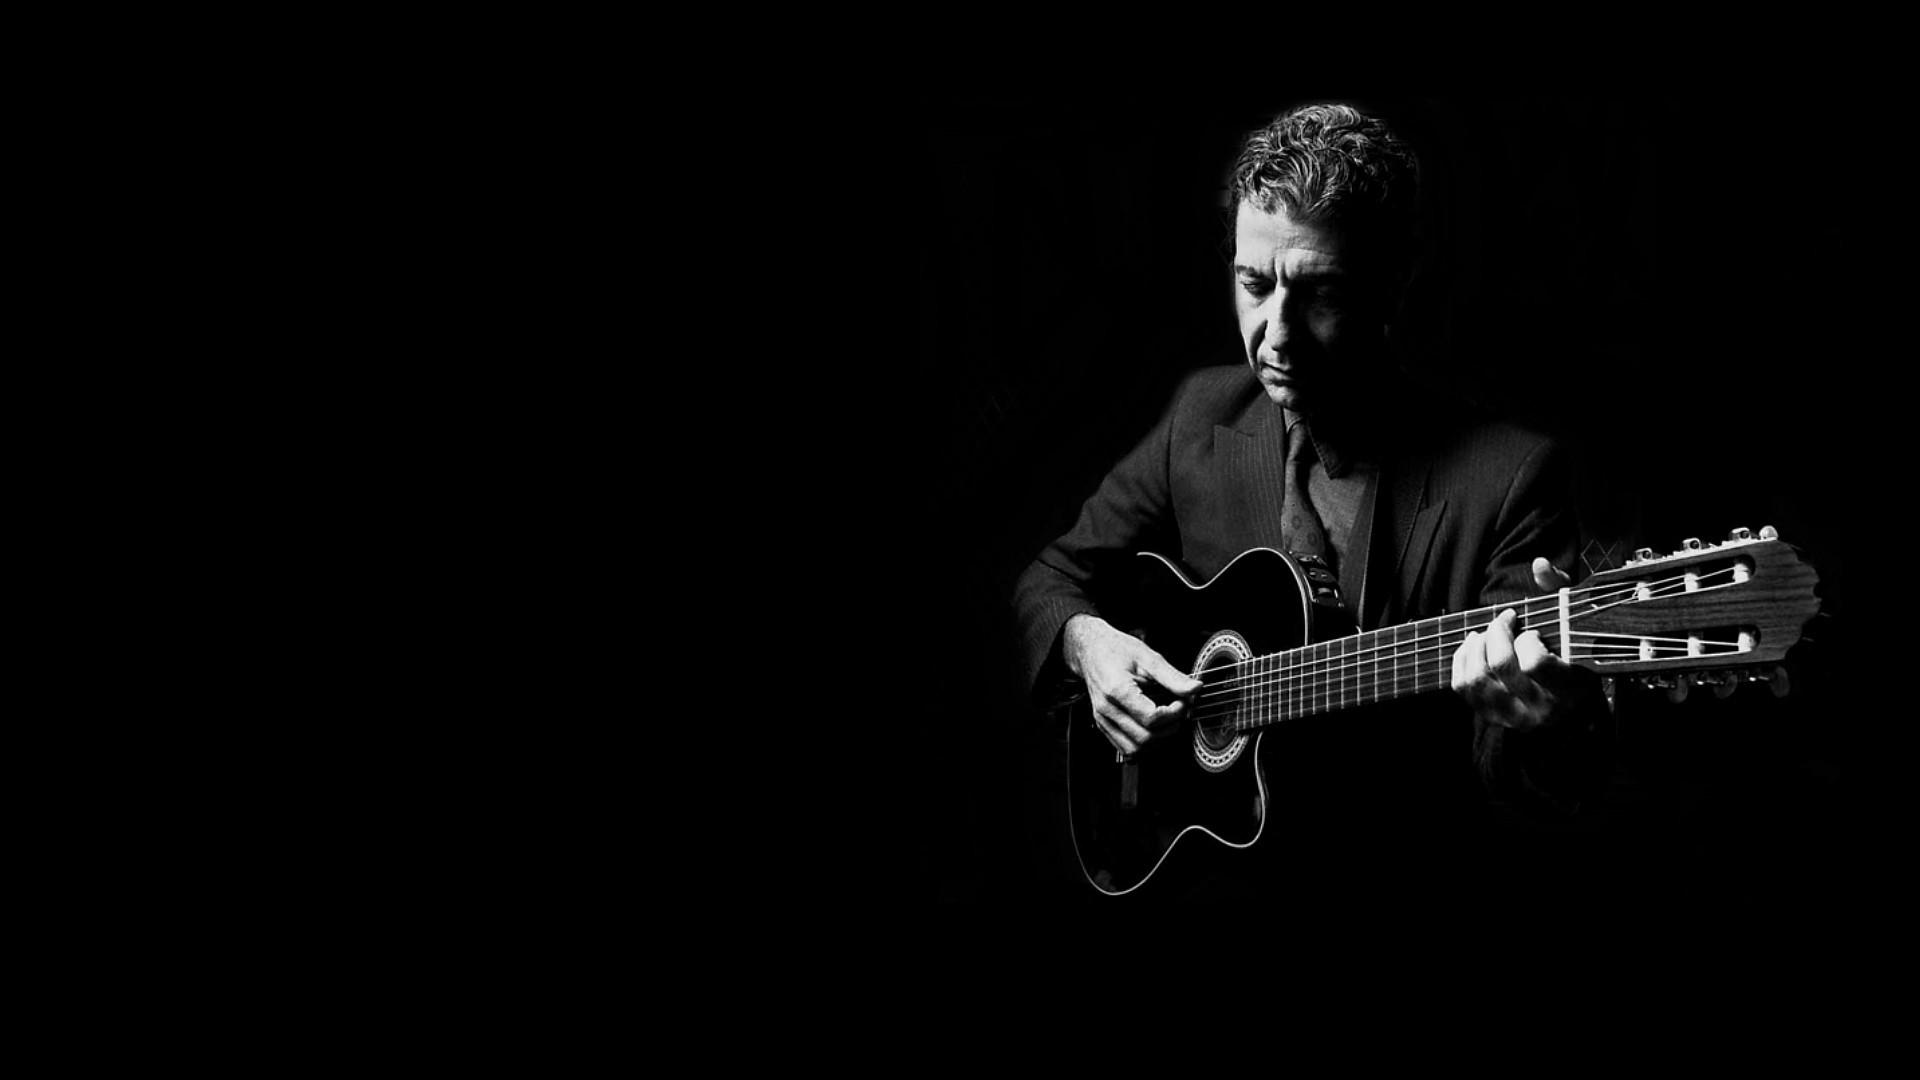 Wallpaper Leonard cohen, Guitar, Suit, Light, Strings